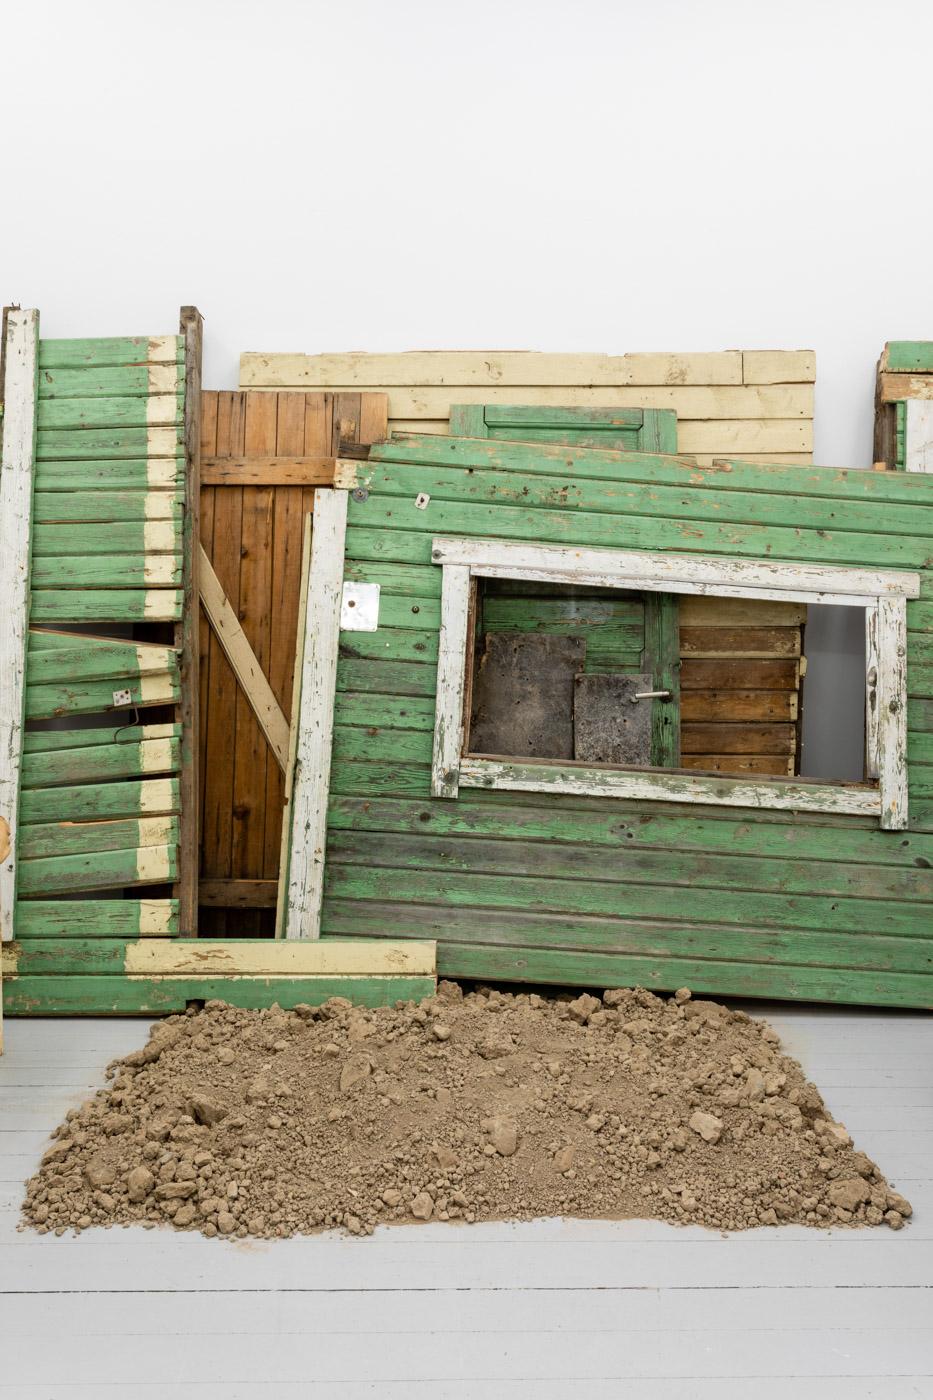 DET FINNS EN PLAN FÖR DET HÄR, 2020Green shed. Found painted wood, dimensions variable